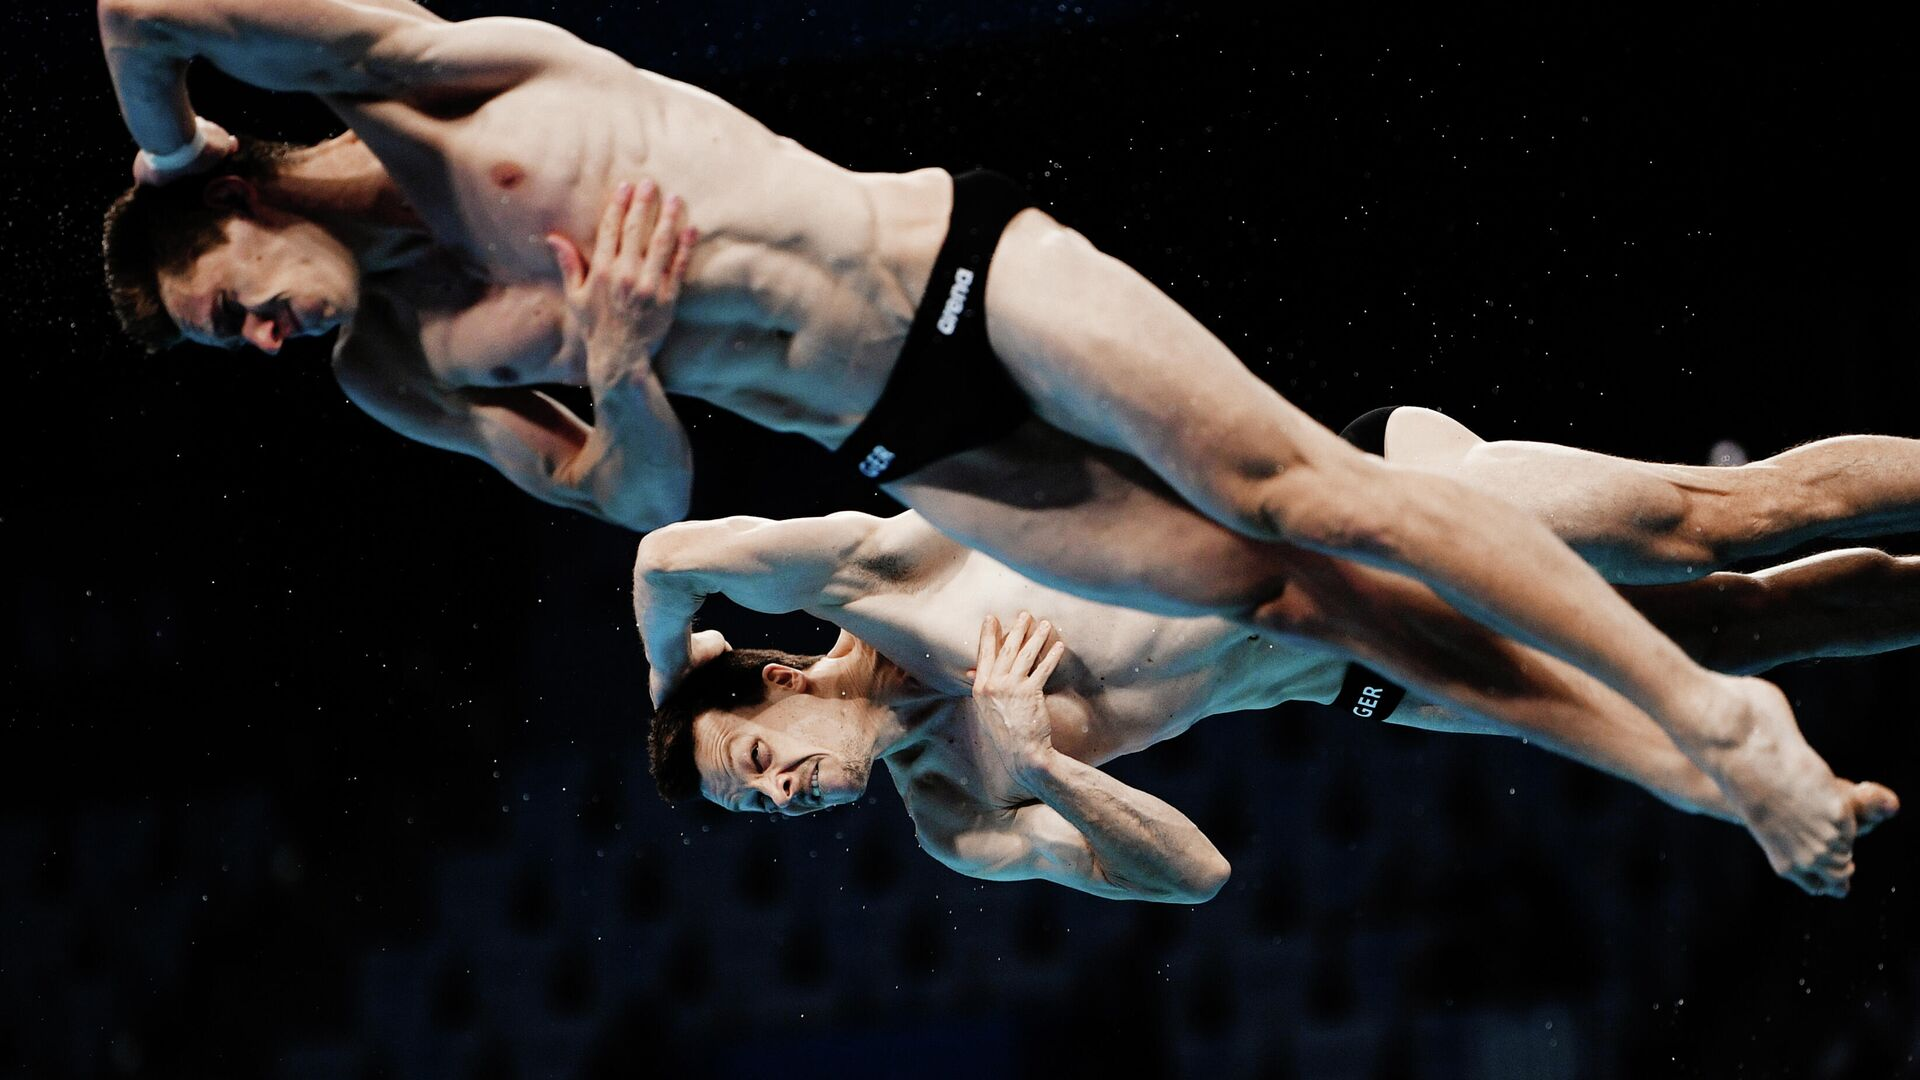 Олимпиада-2020. Синхронные прыжки в воду. Мужчины. Трамплин 3 м - РИА Новости, 1920, 30.09.2021